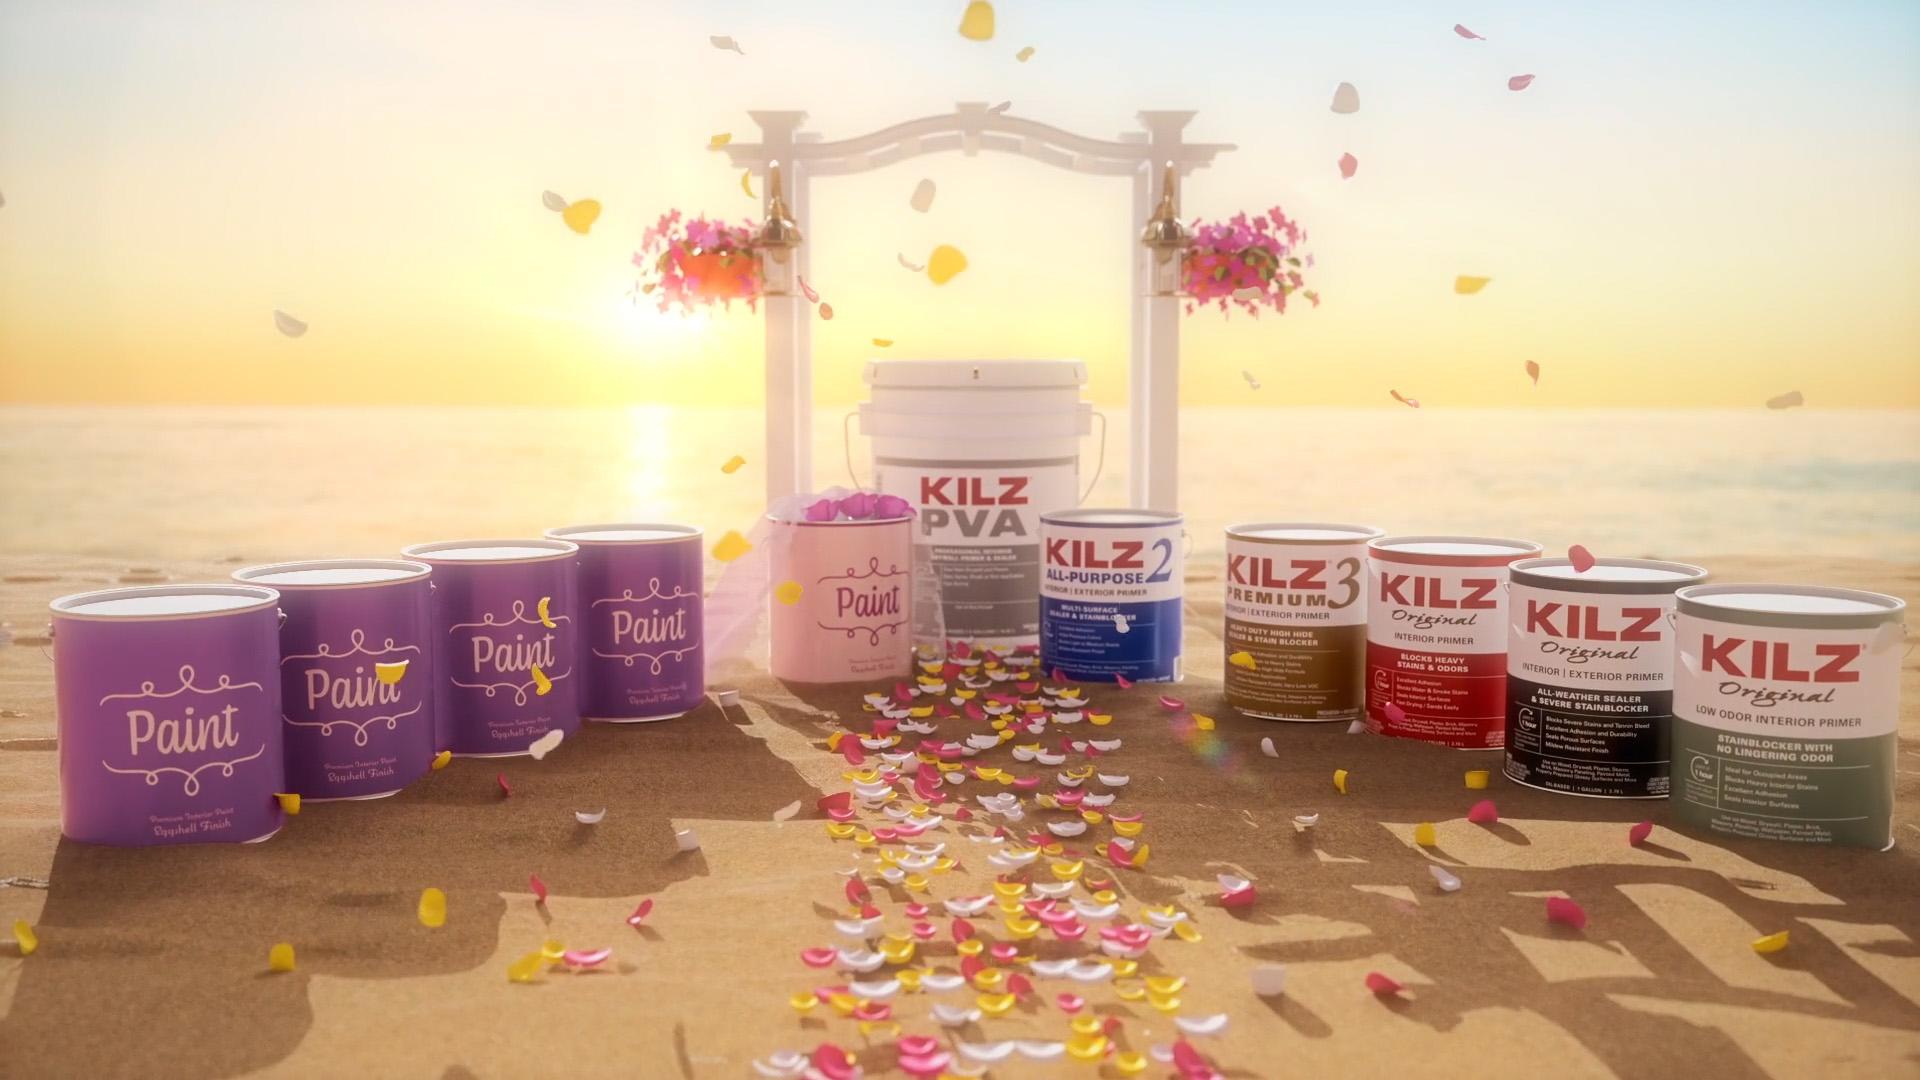 laundry_kilz_stills_07